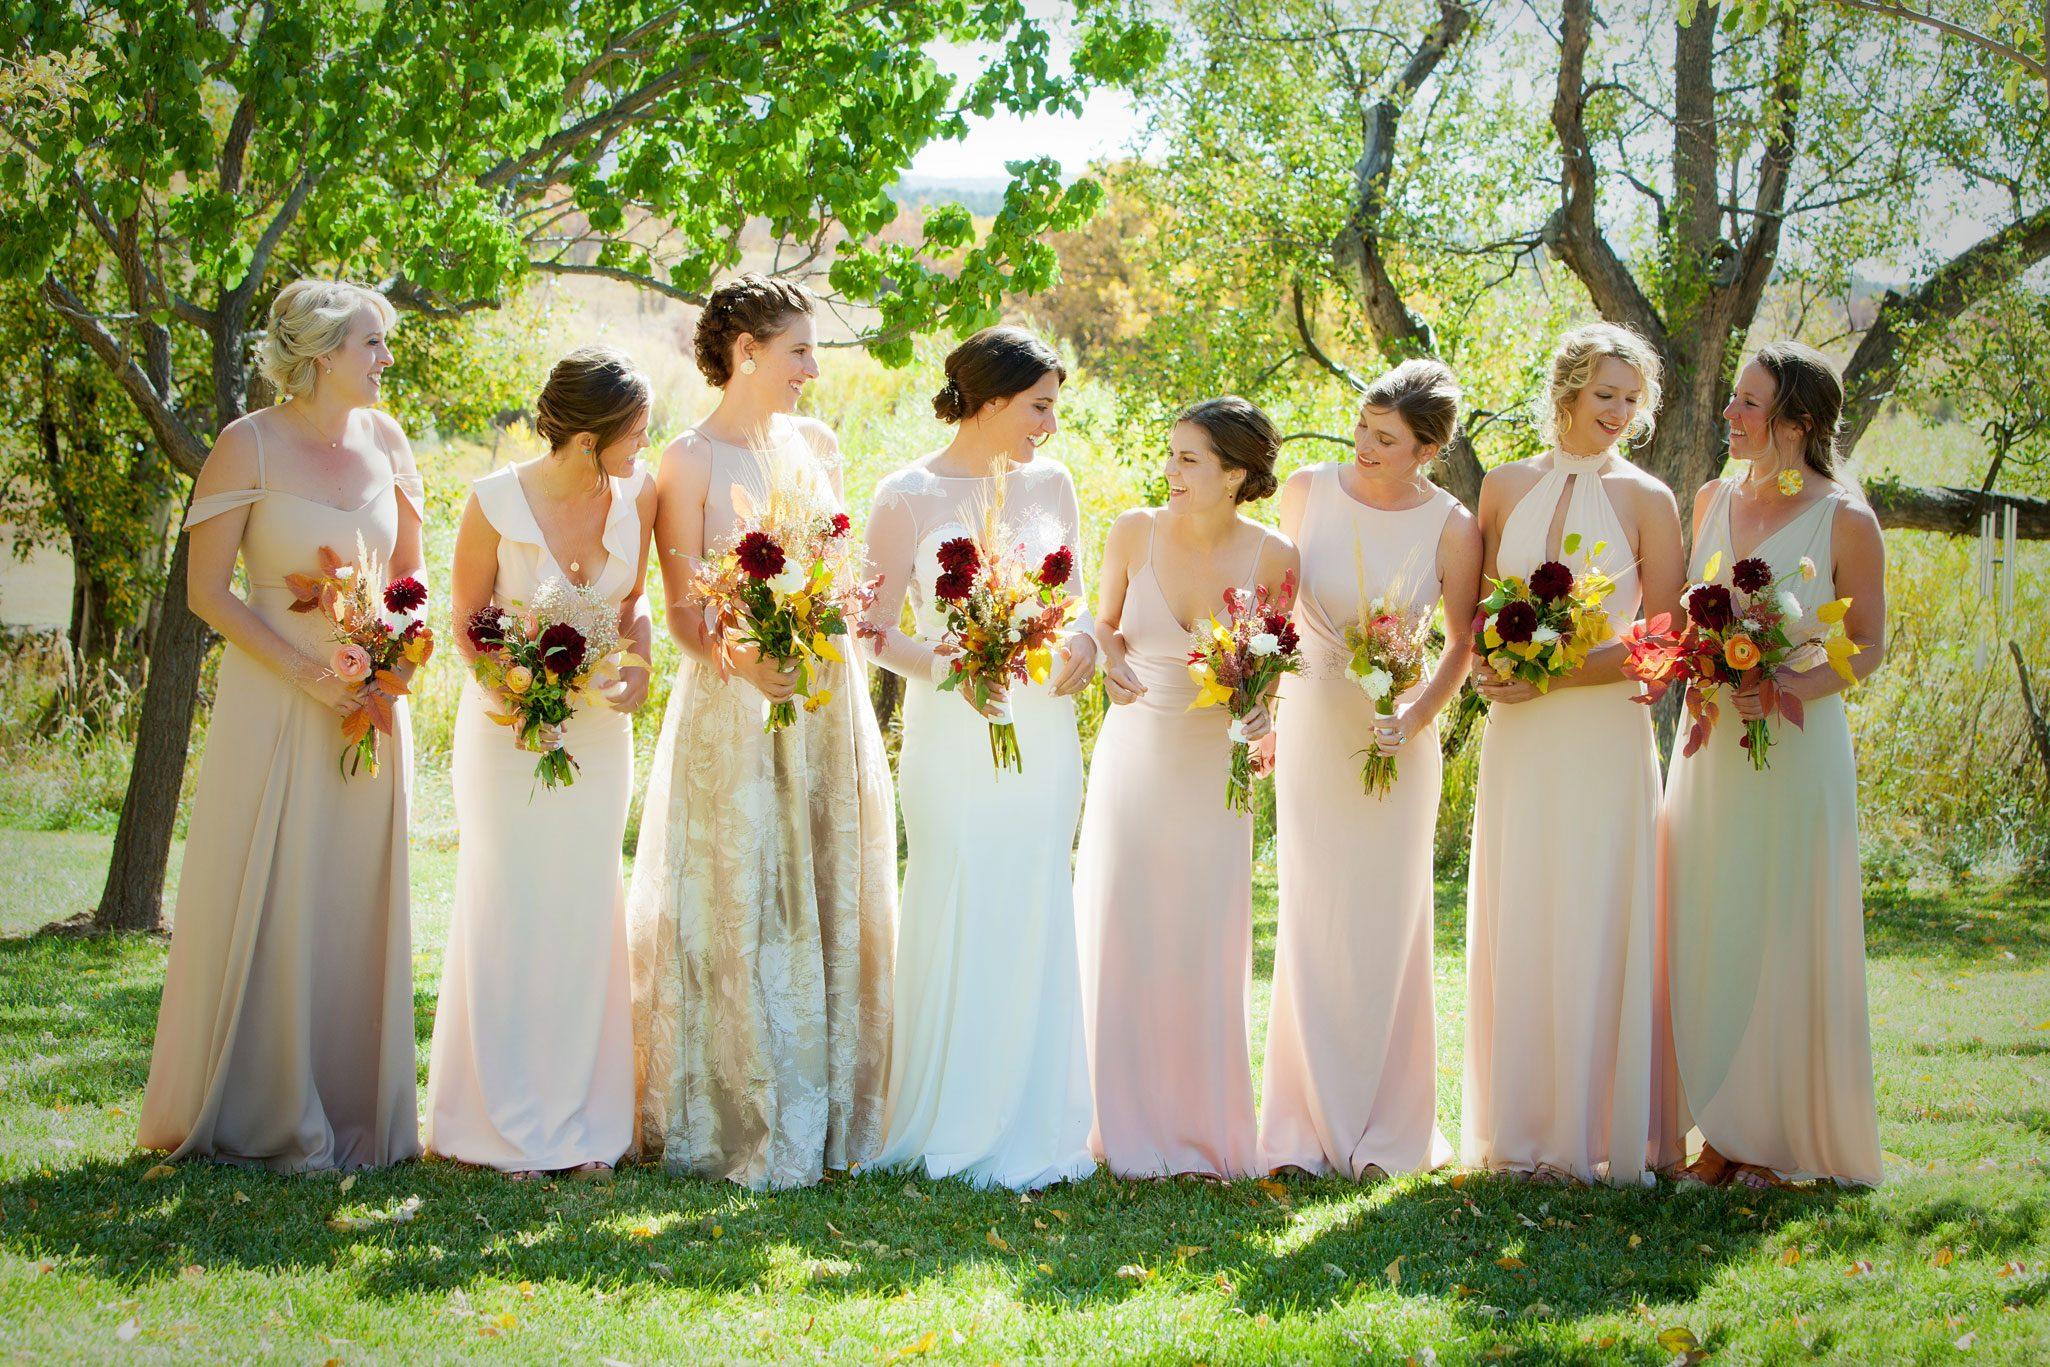 Bridesmaids   Outdoor Autumn Wedding in Mancos, Colorado